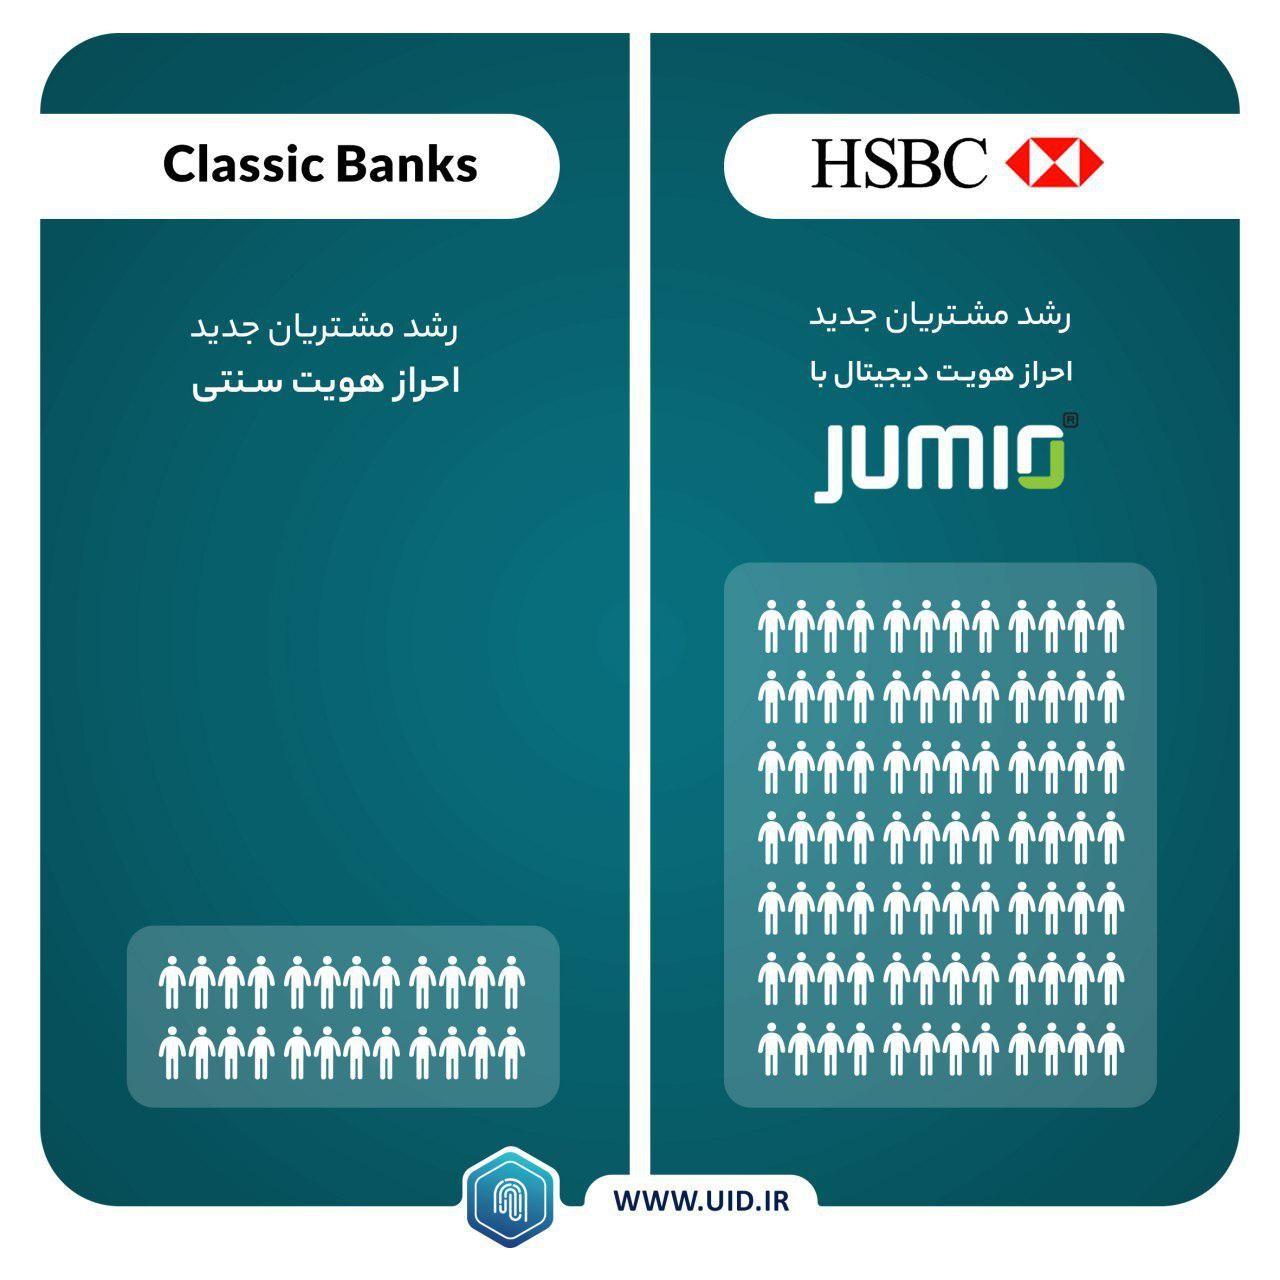 بانک HSBC با بهره گیری از پردازش تصویر Face Recognition چگونه مشتریان جدید را جذب می کند؟